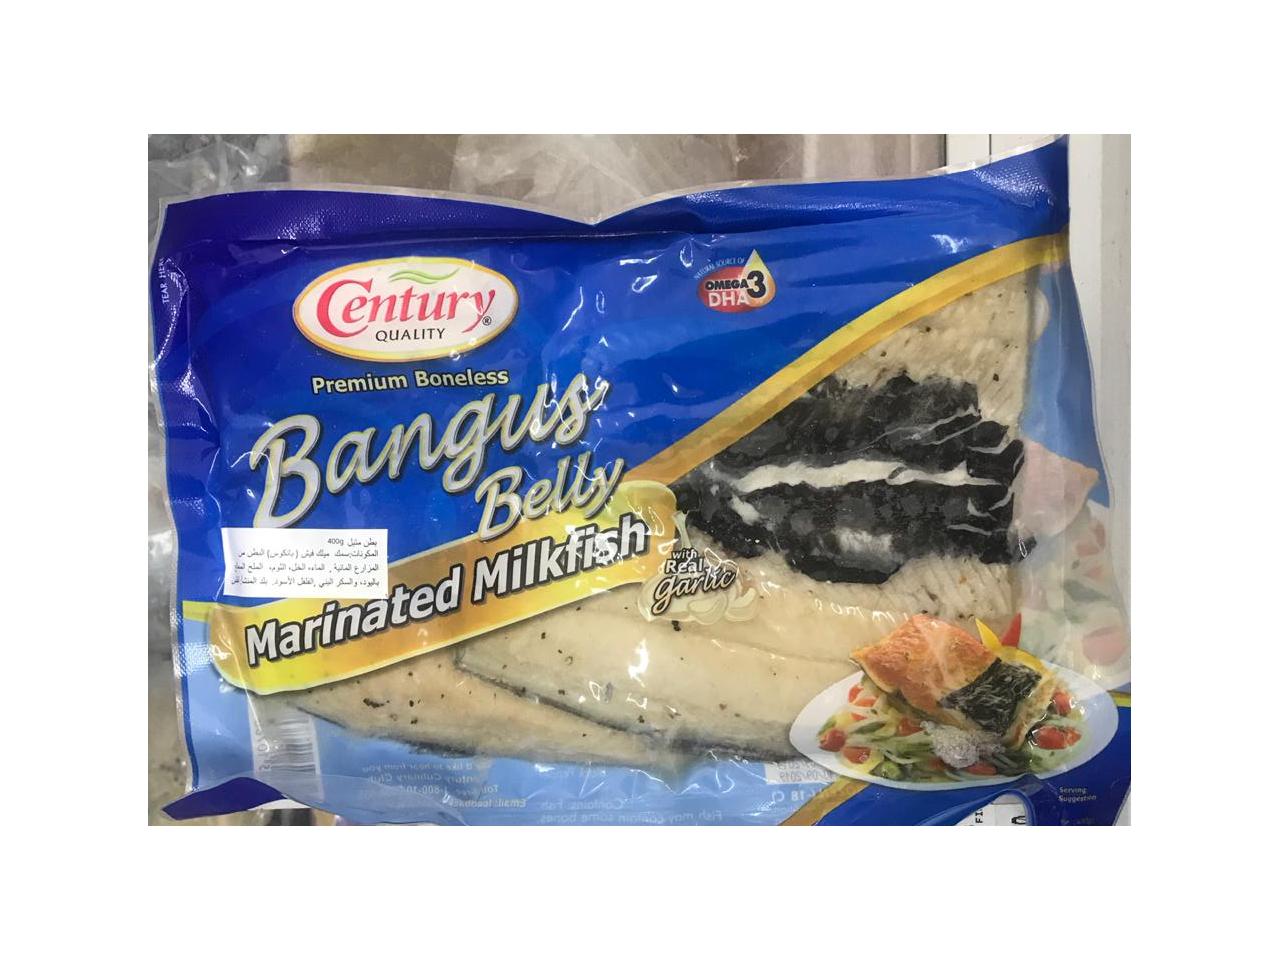 Century Bangus Belly Marinated Milk Fish 400g